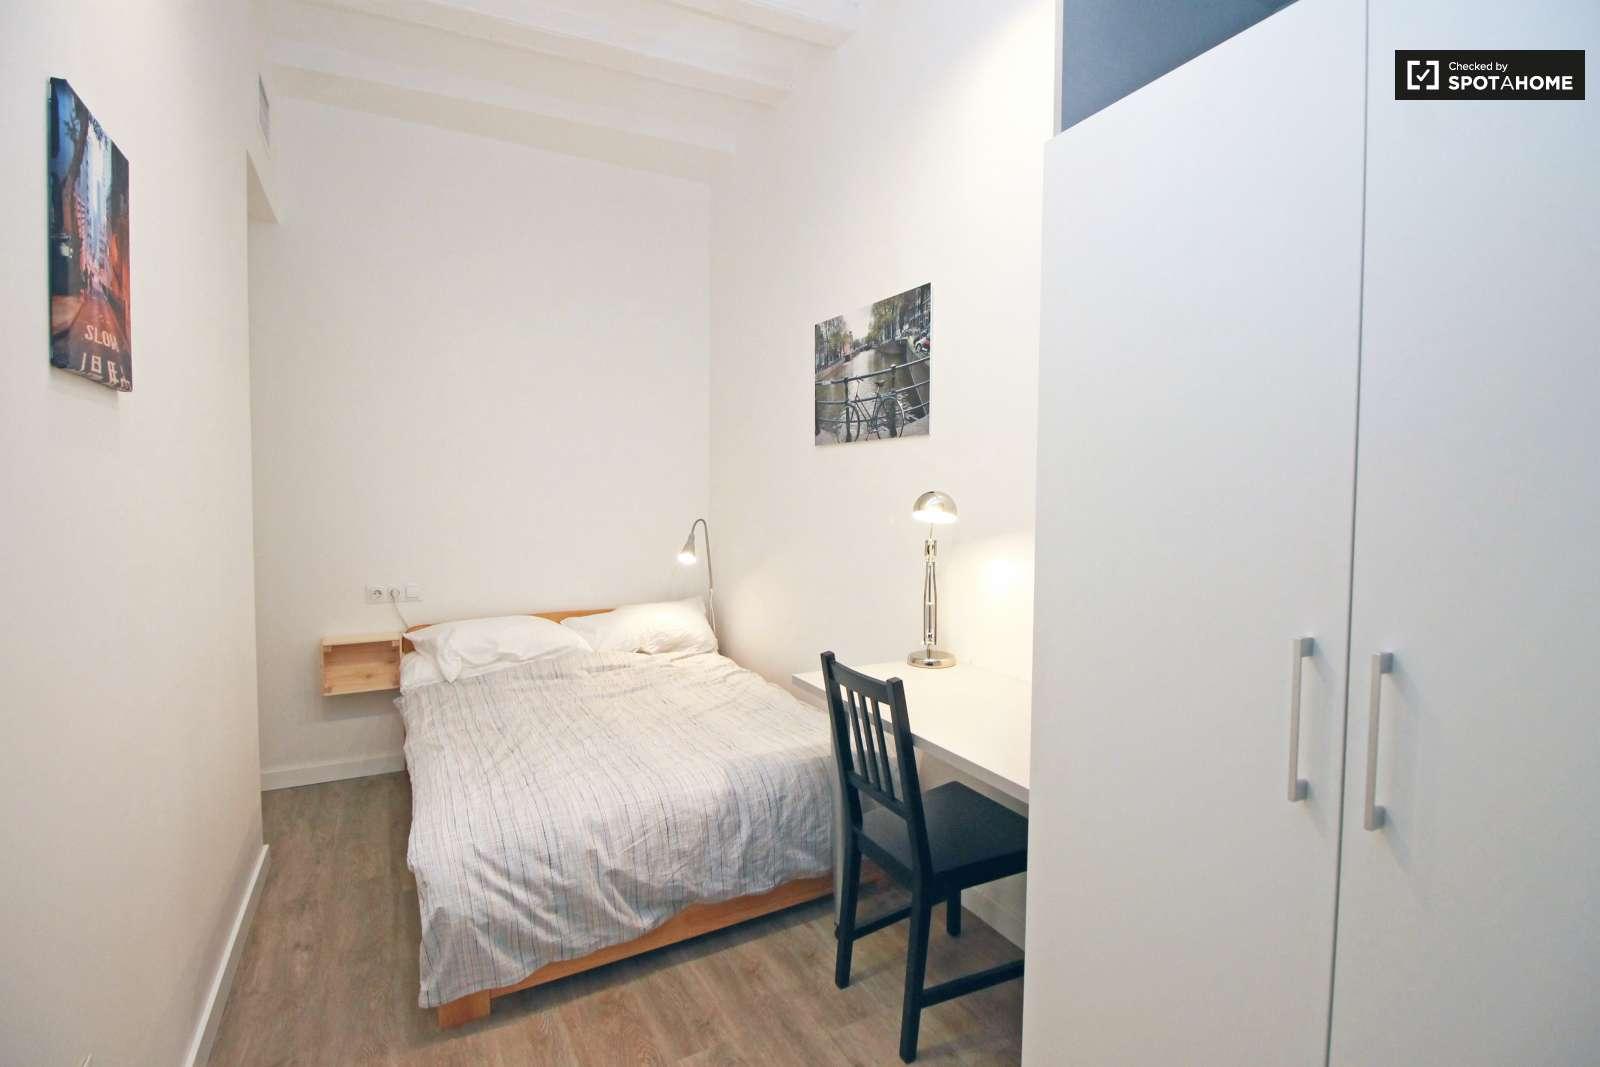 Tranquila habitaci n en piso de 5 habitaciones en el raval for Piso 5 habitaciones